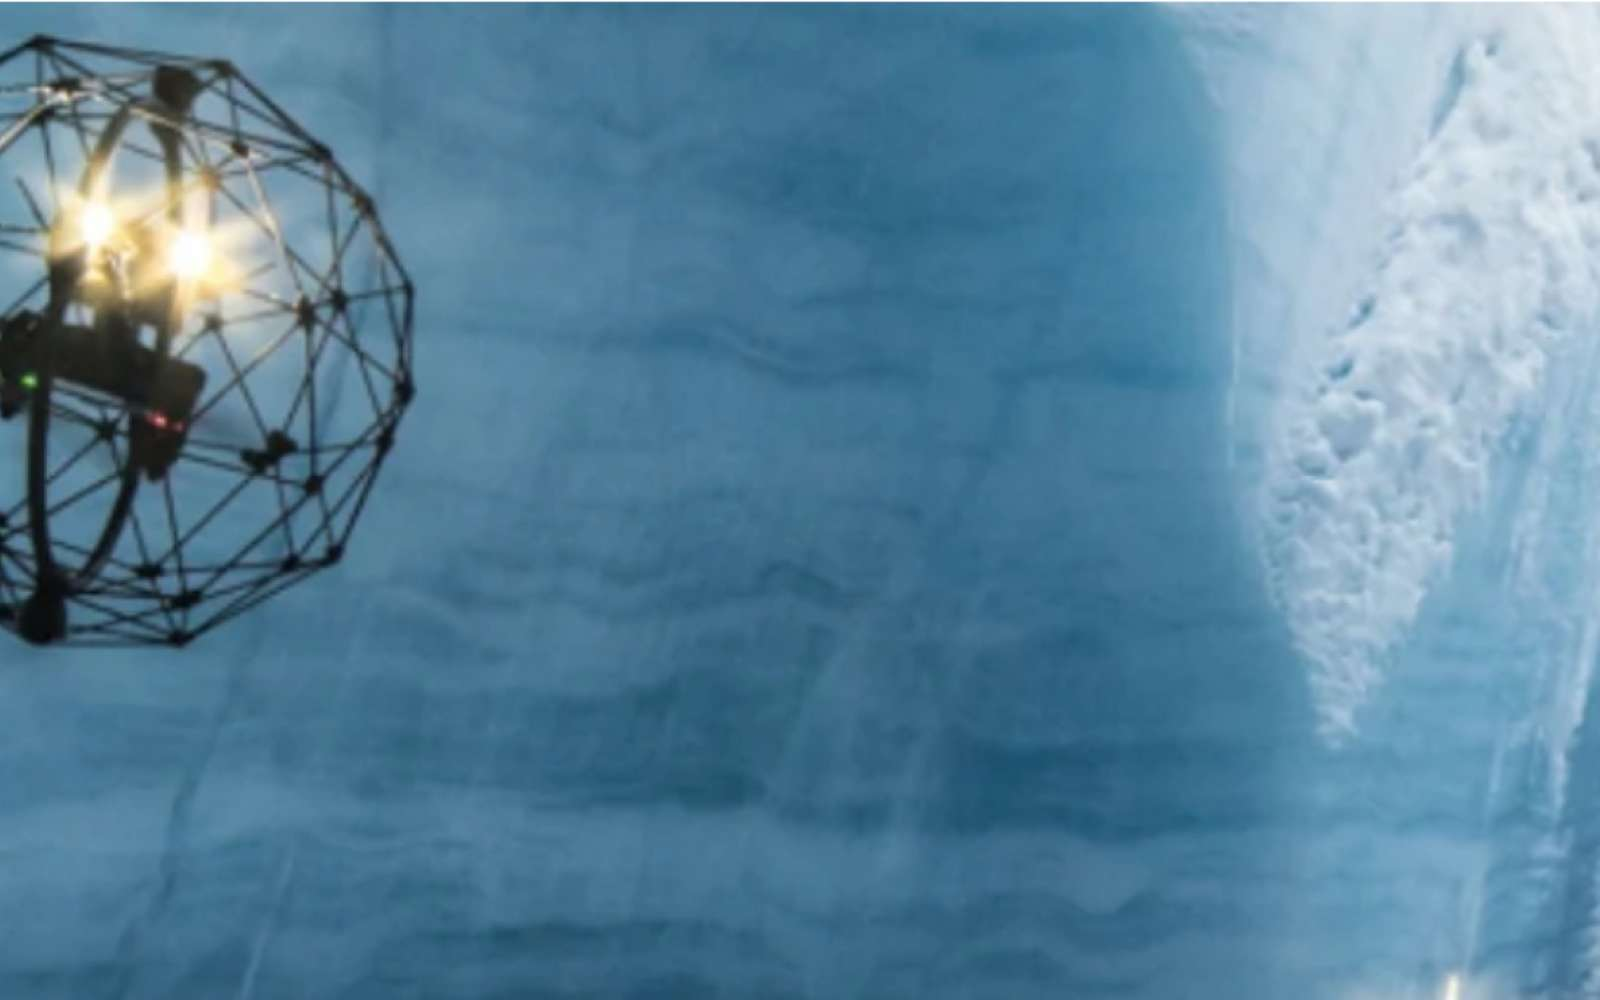 Plus aucun spéléologue ne peut évoluer dans les « moulins » de glace en raison des conséquences du réchauffement climatique. Le drone permet d'aller bien plus loin. © Flyability